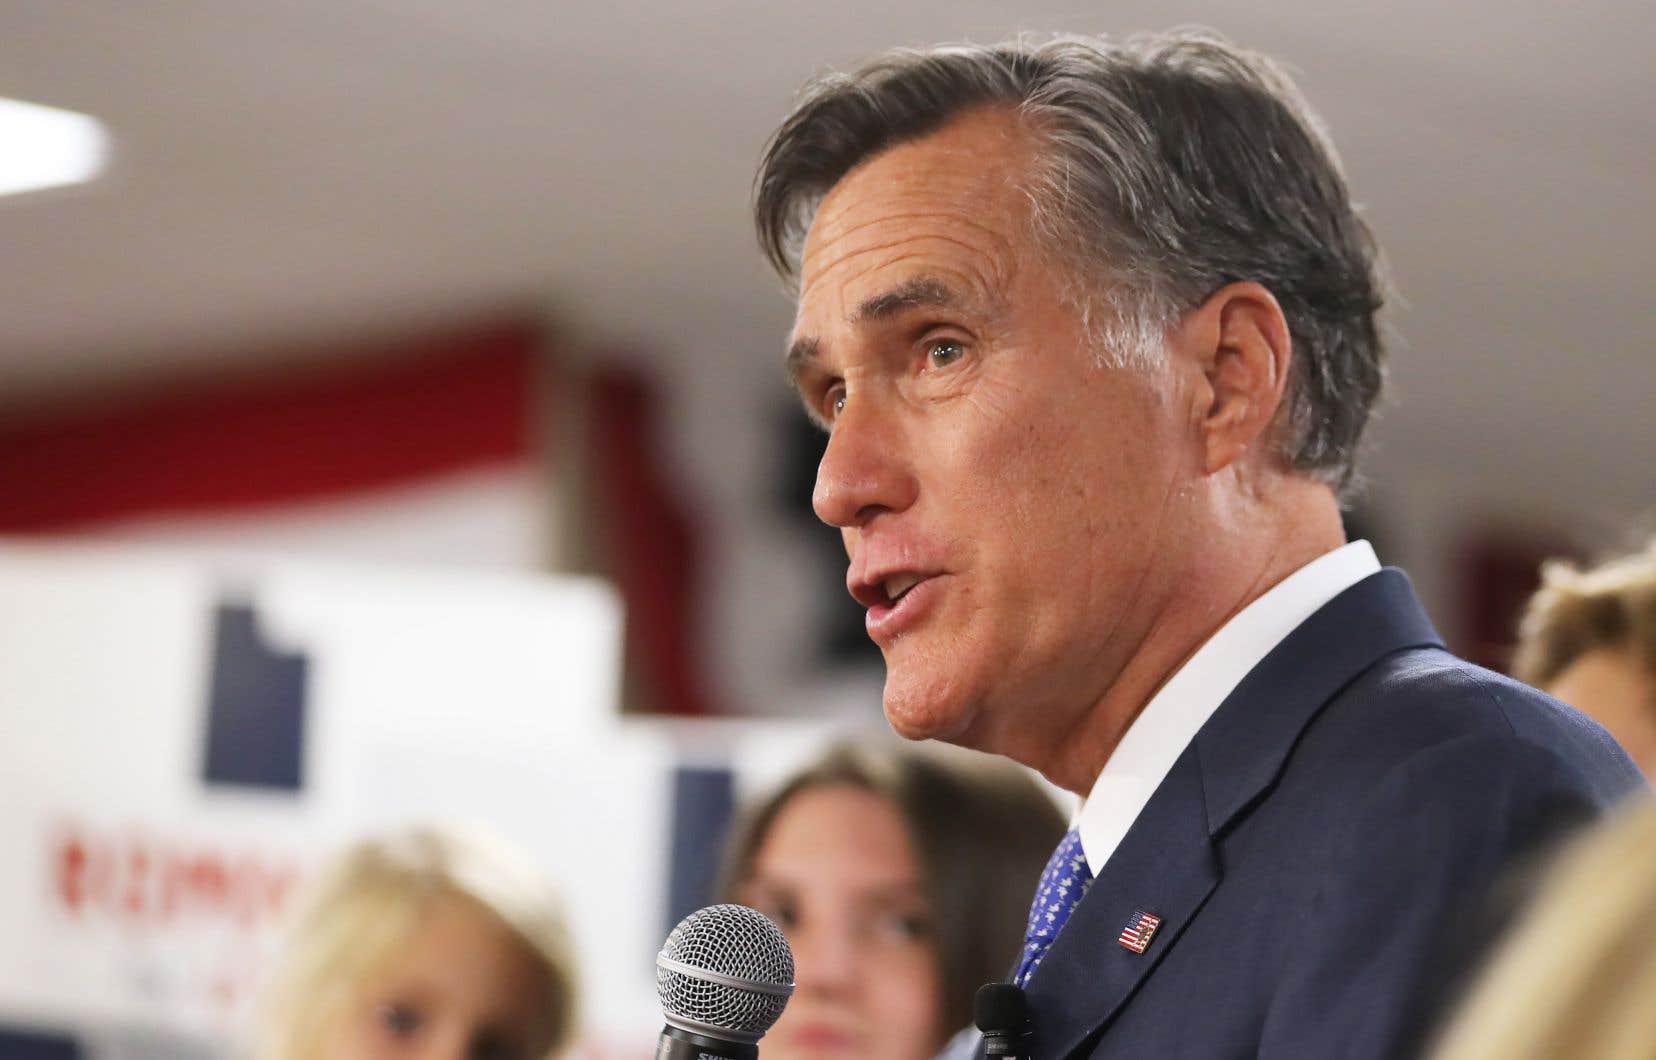 L'ancien candidat républicain à la présidentielle américaine Mitt Romney s'apprête à faire son entrée au Sénat.